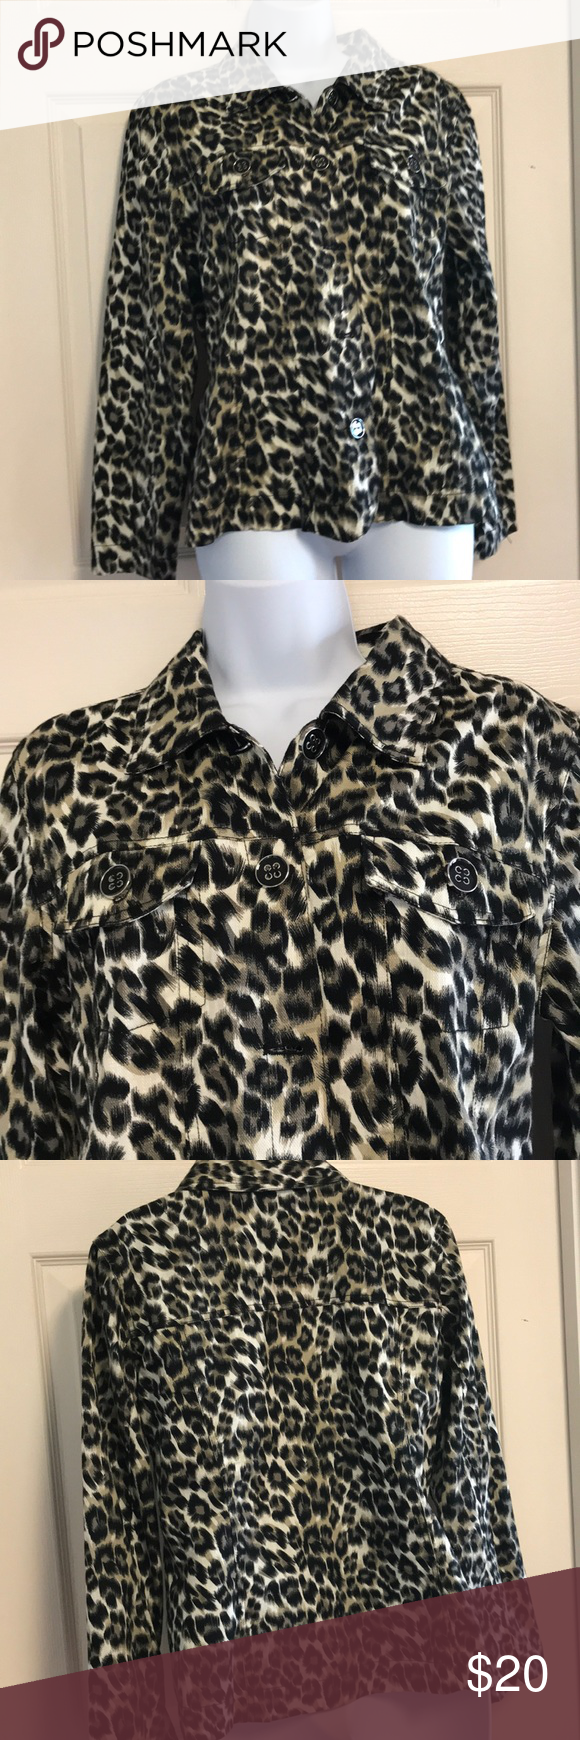 Black & taupe animal print jacket